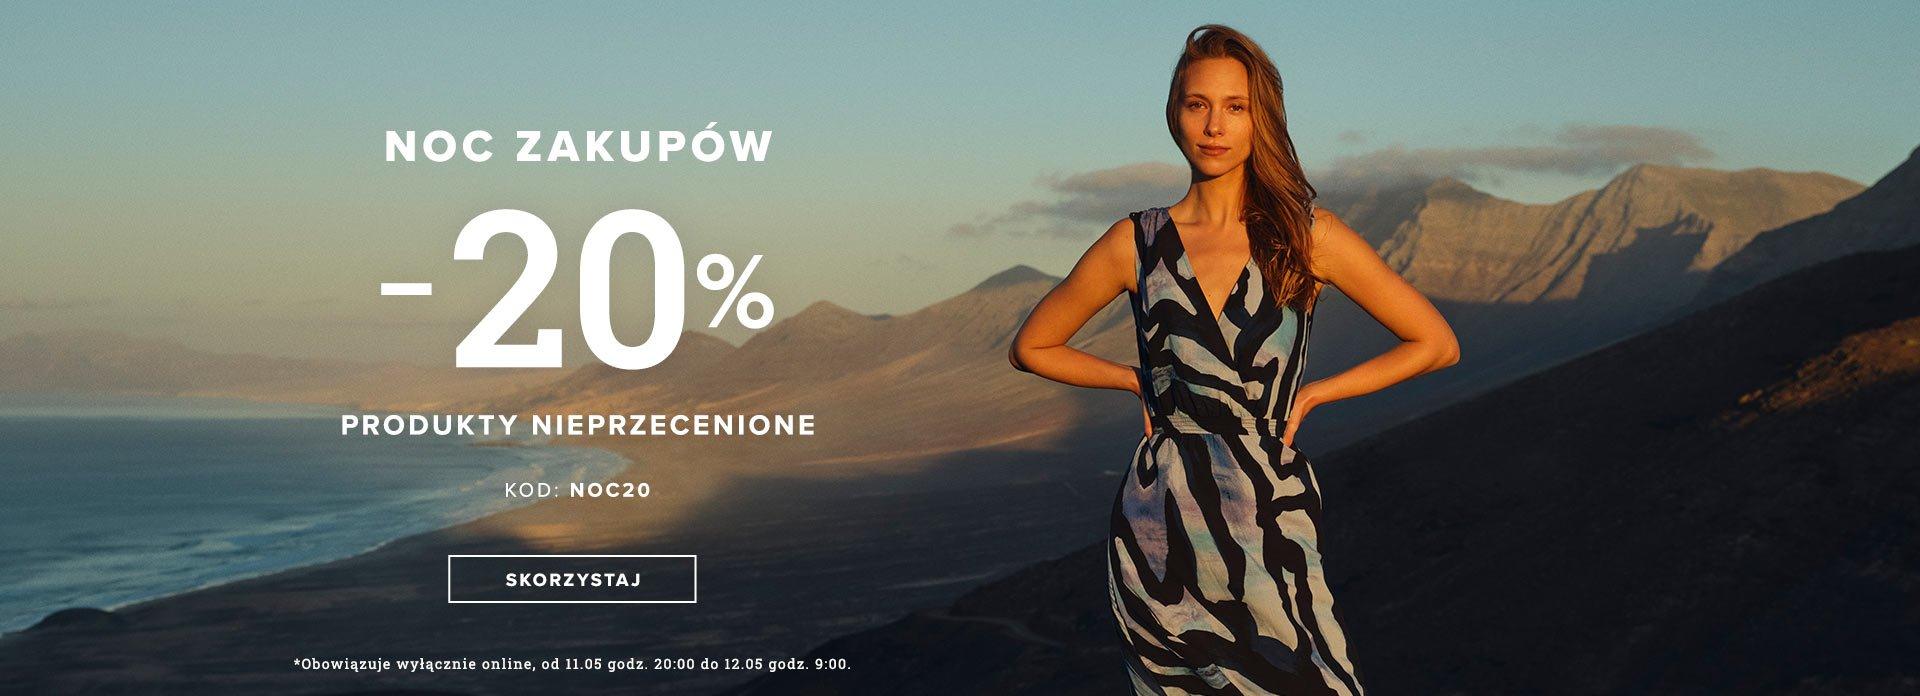 Greenpoint: 20% rabatu na odzież damską nieprzecenioną - Noc Zakupów